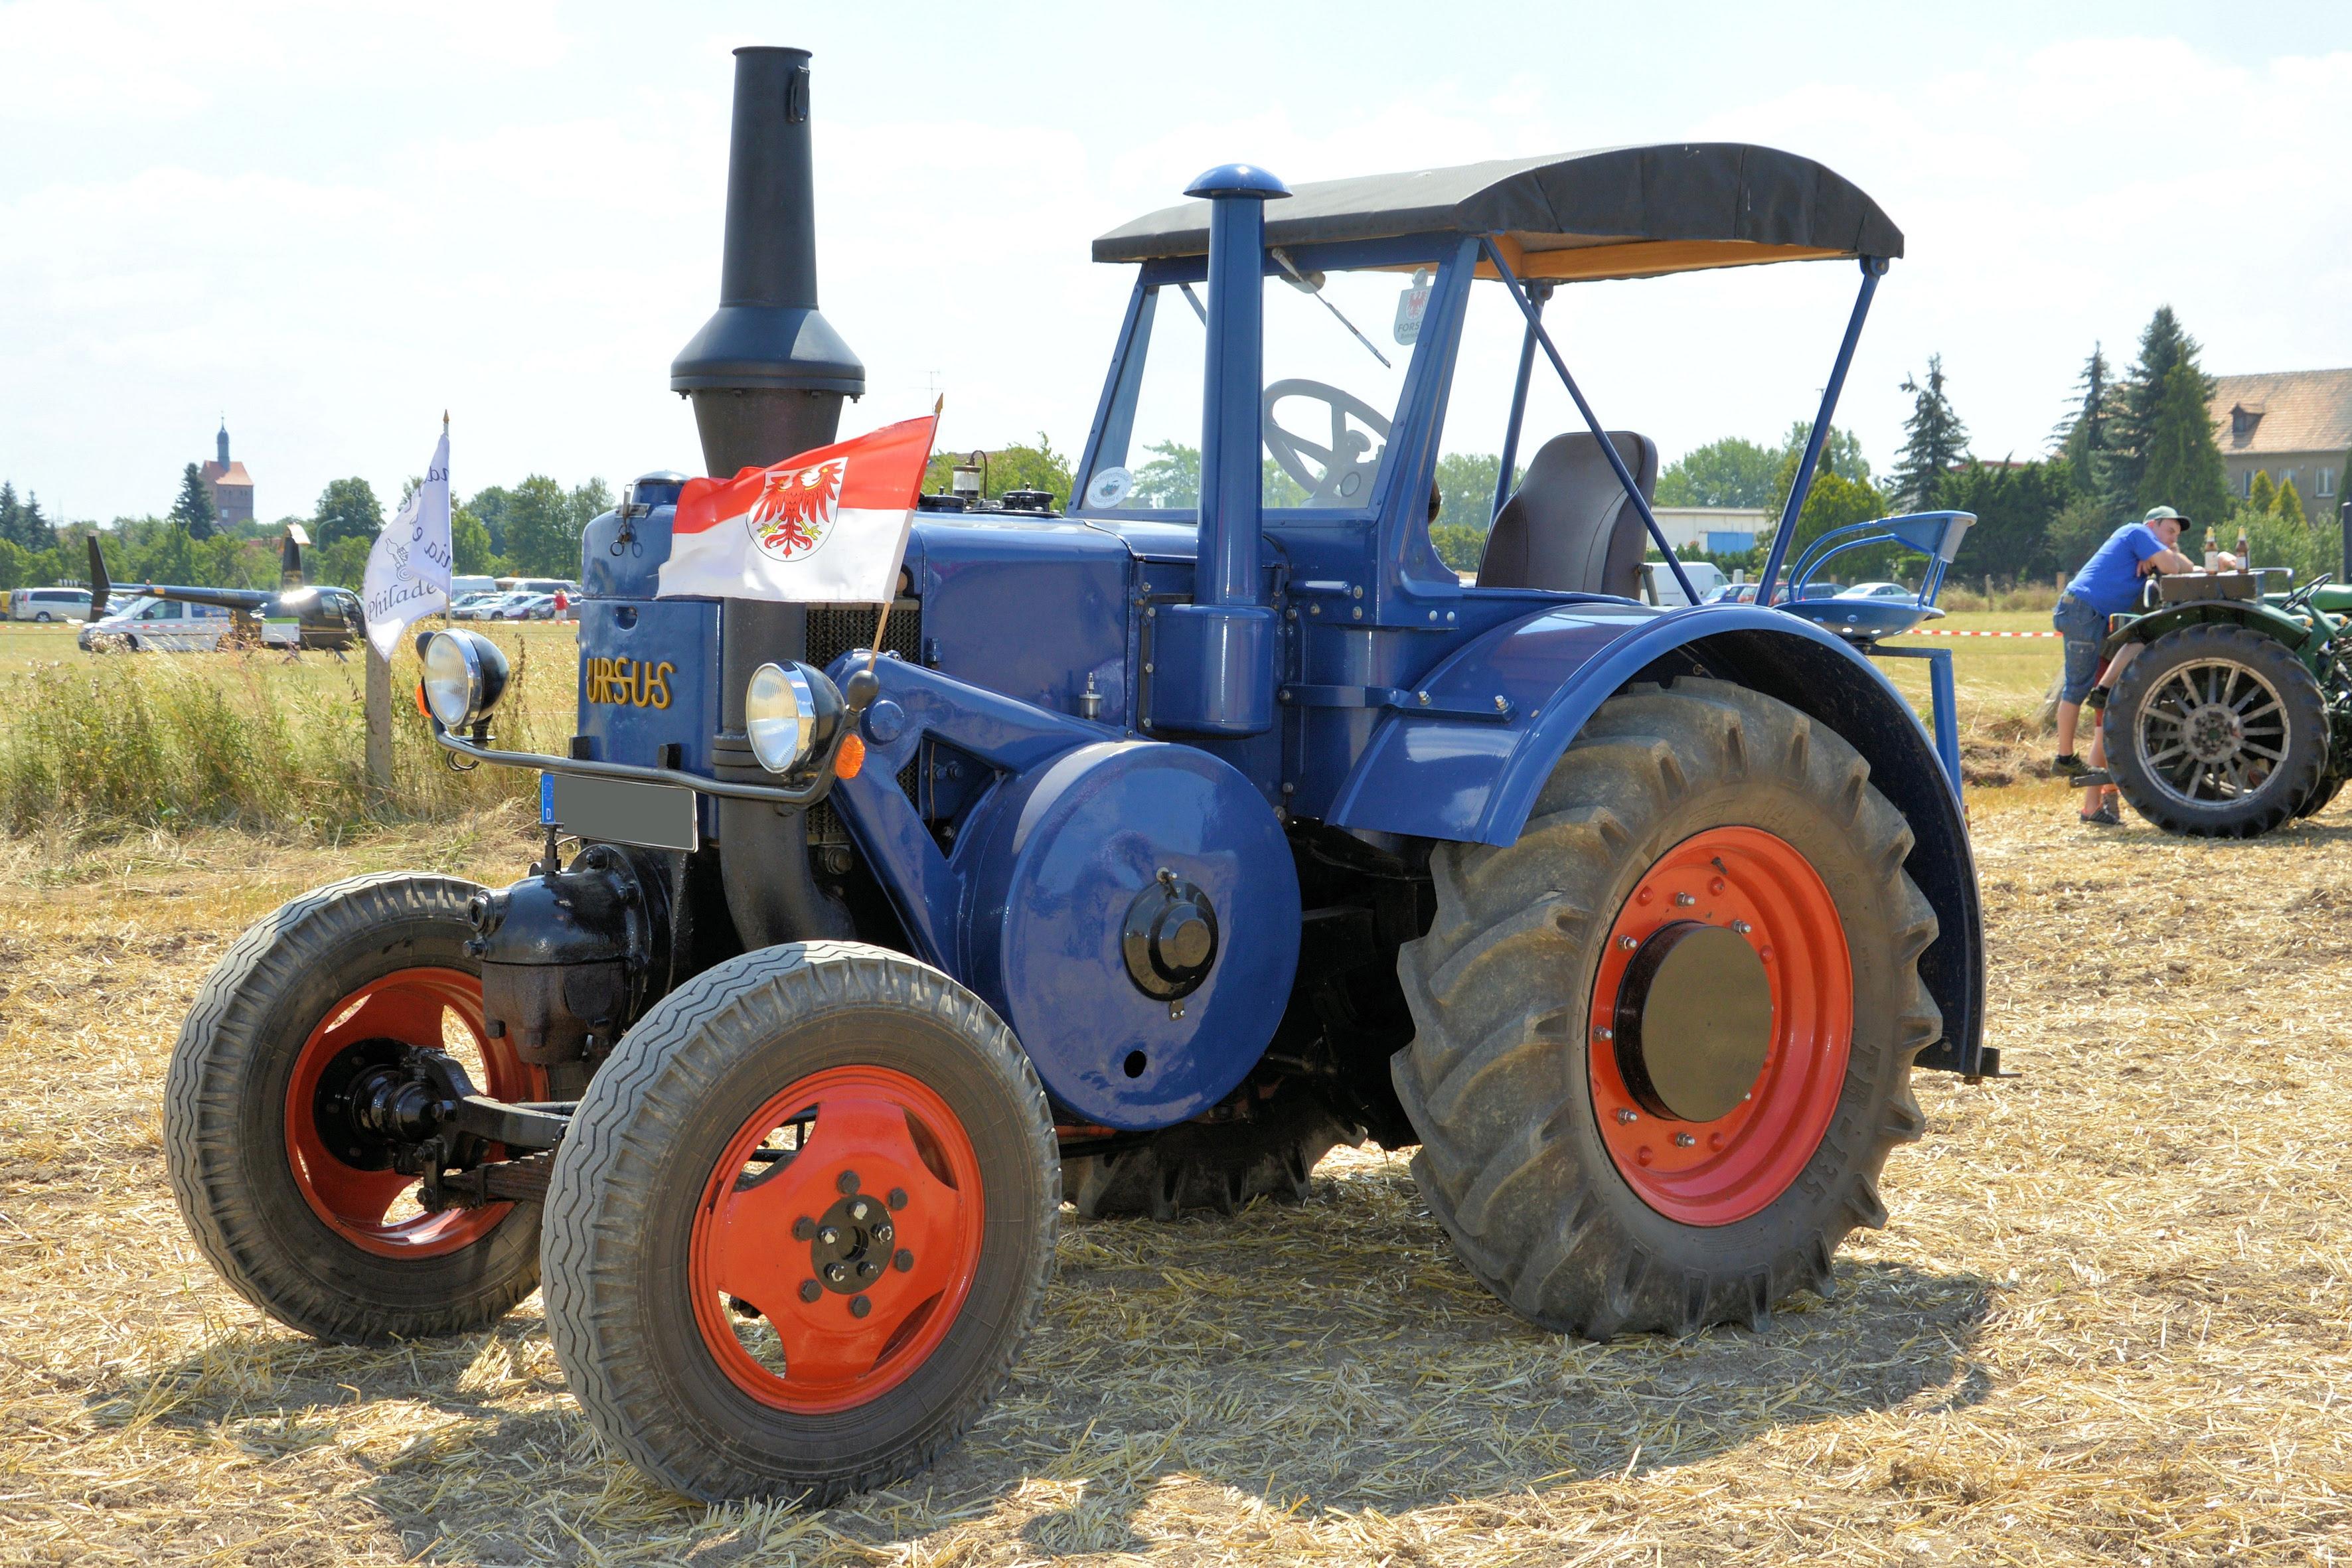 Traktor Spiele Kostenlos Ohne Anmeldung